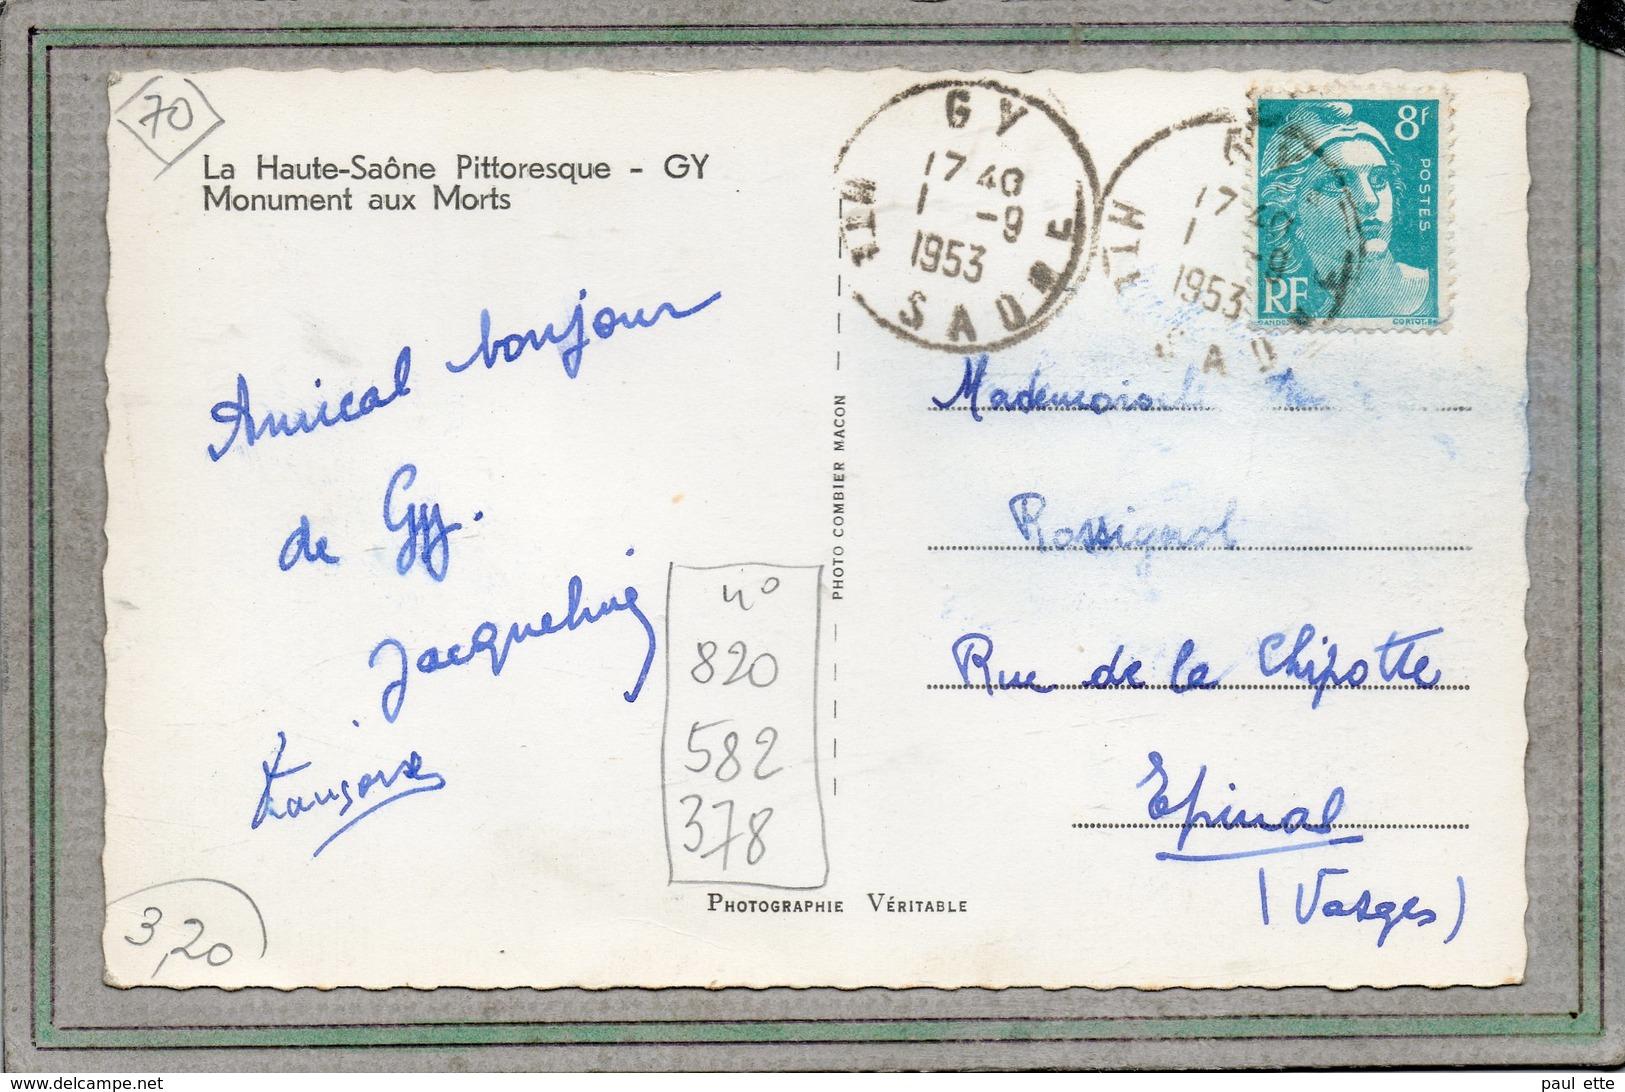 CPSM Dentelée - GY (70) - Aspect Du Monument Aux Morts Devant La Mairie En 1953 - Frankreich